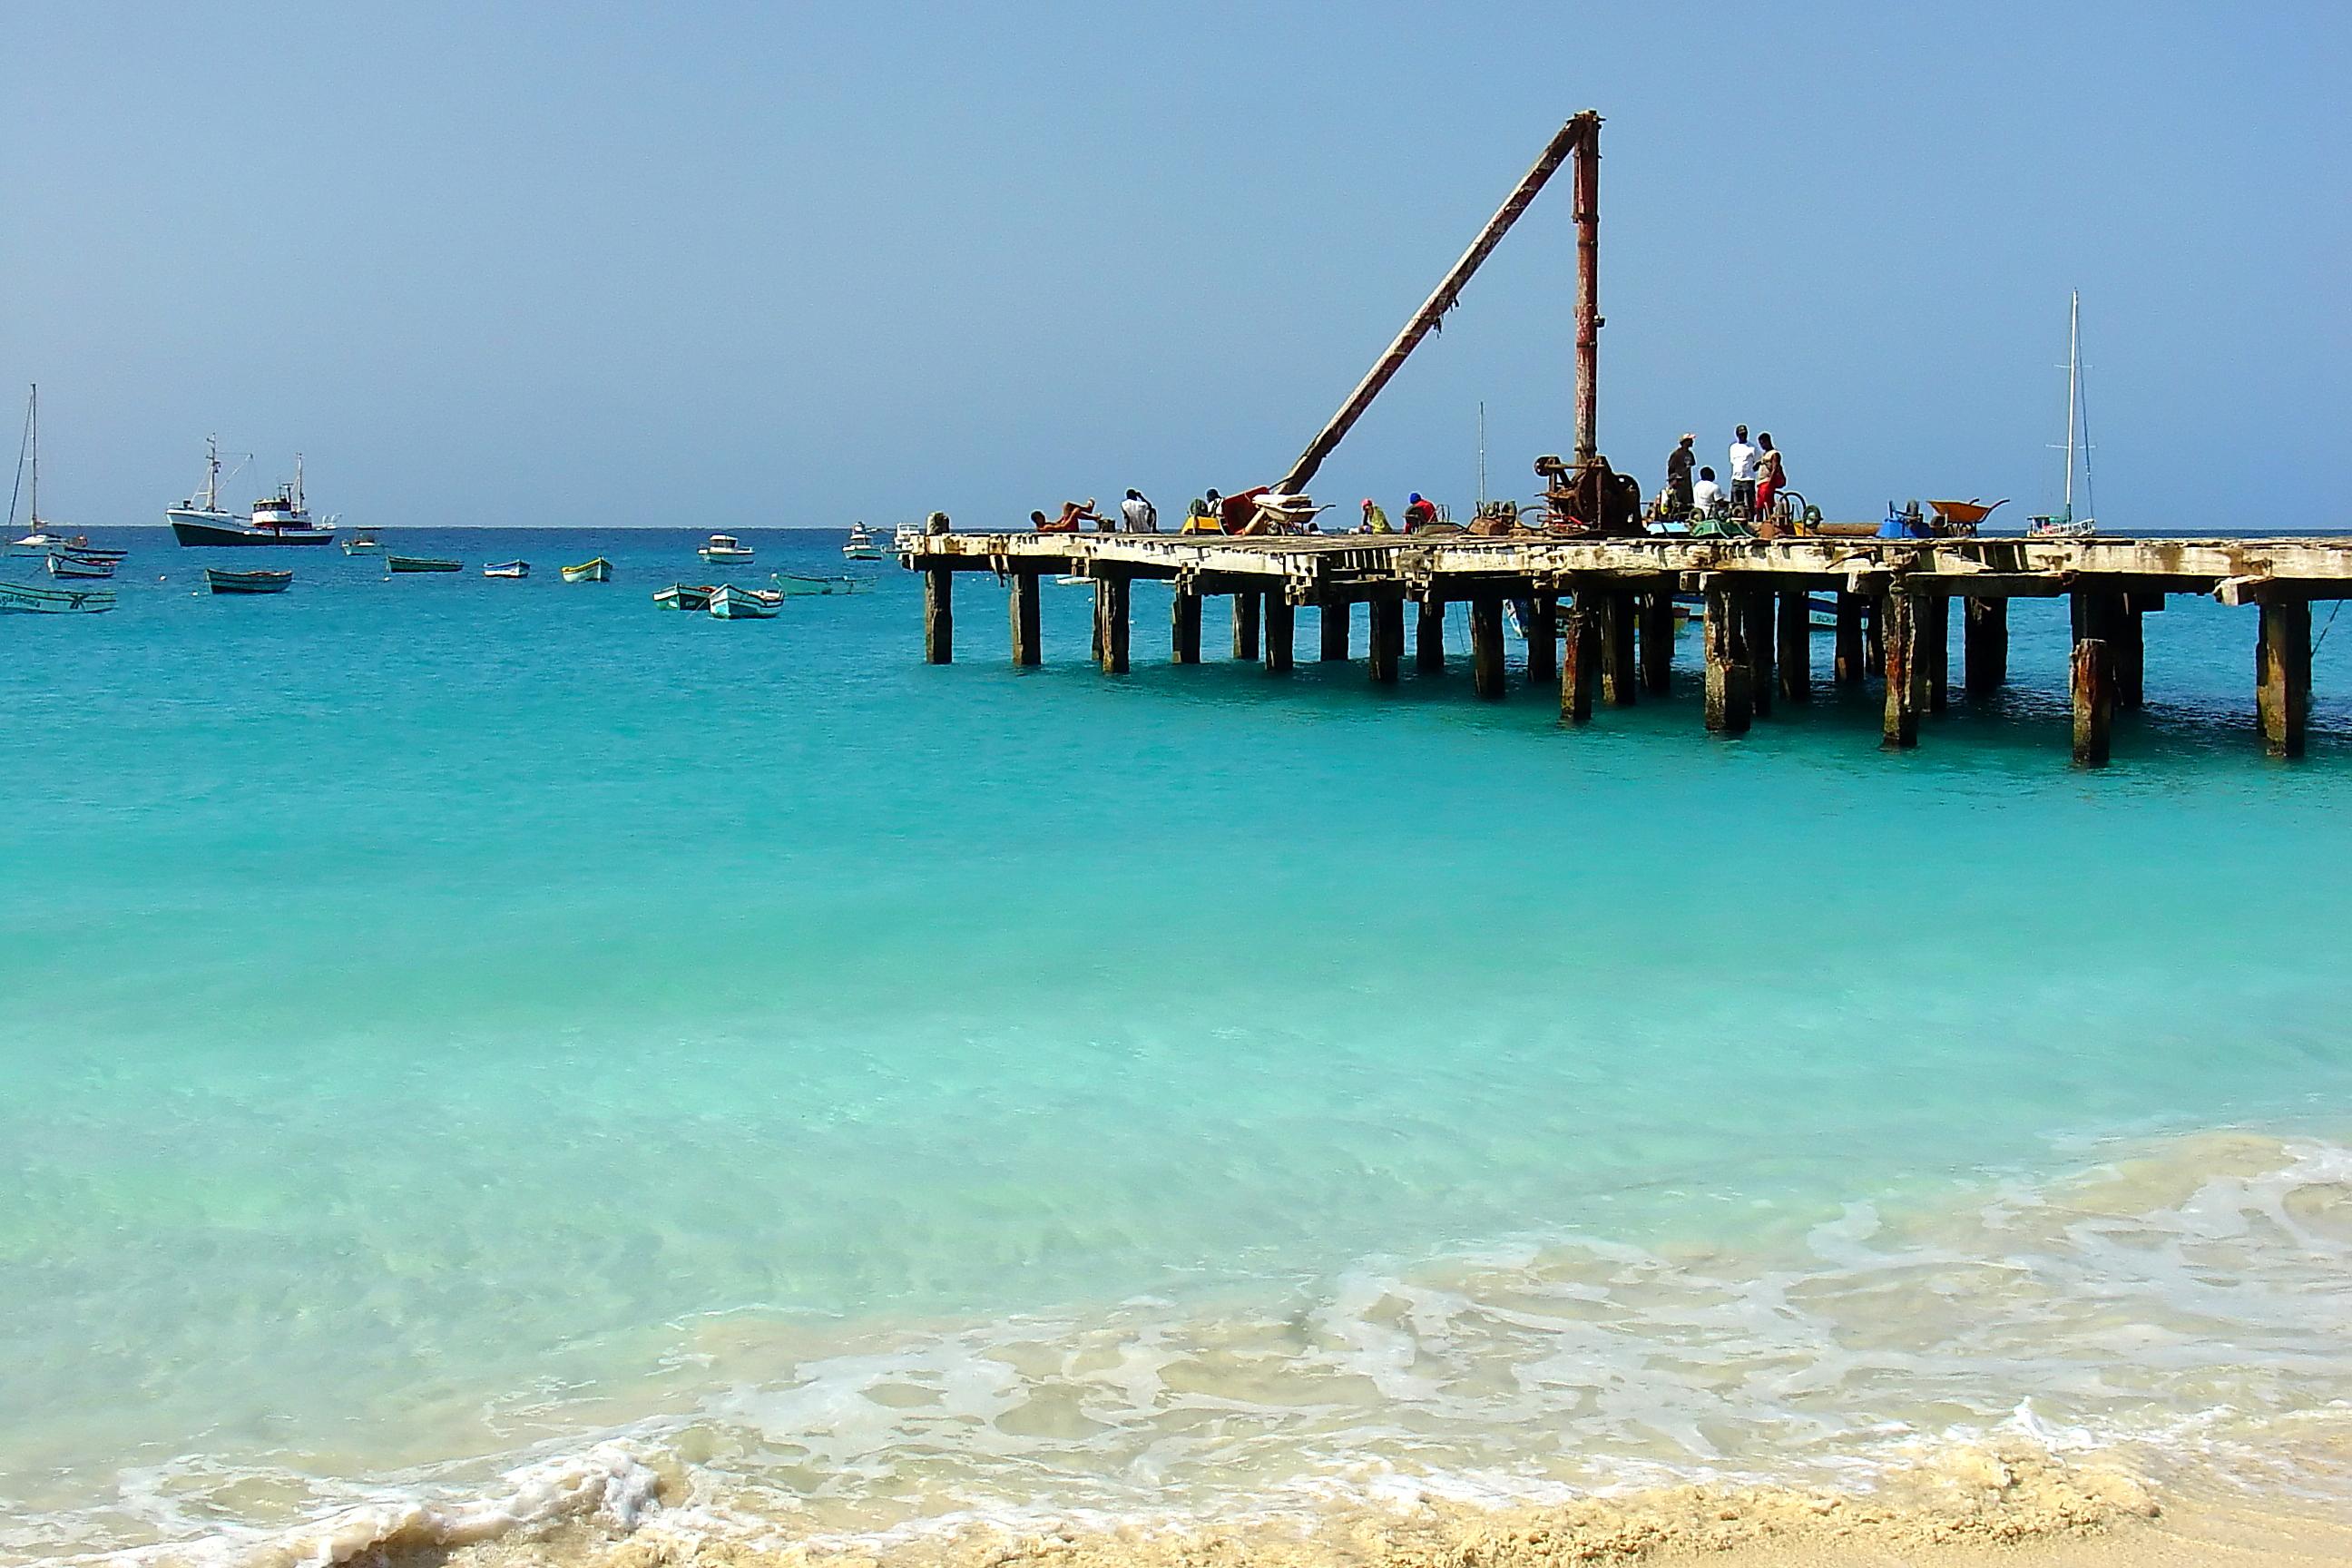 Gesundheit auf Kap Verde - Krankheiten, Impfungen ... Holiday